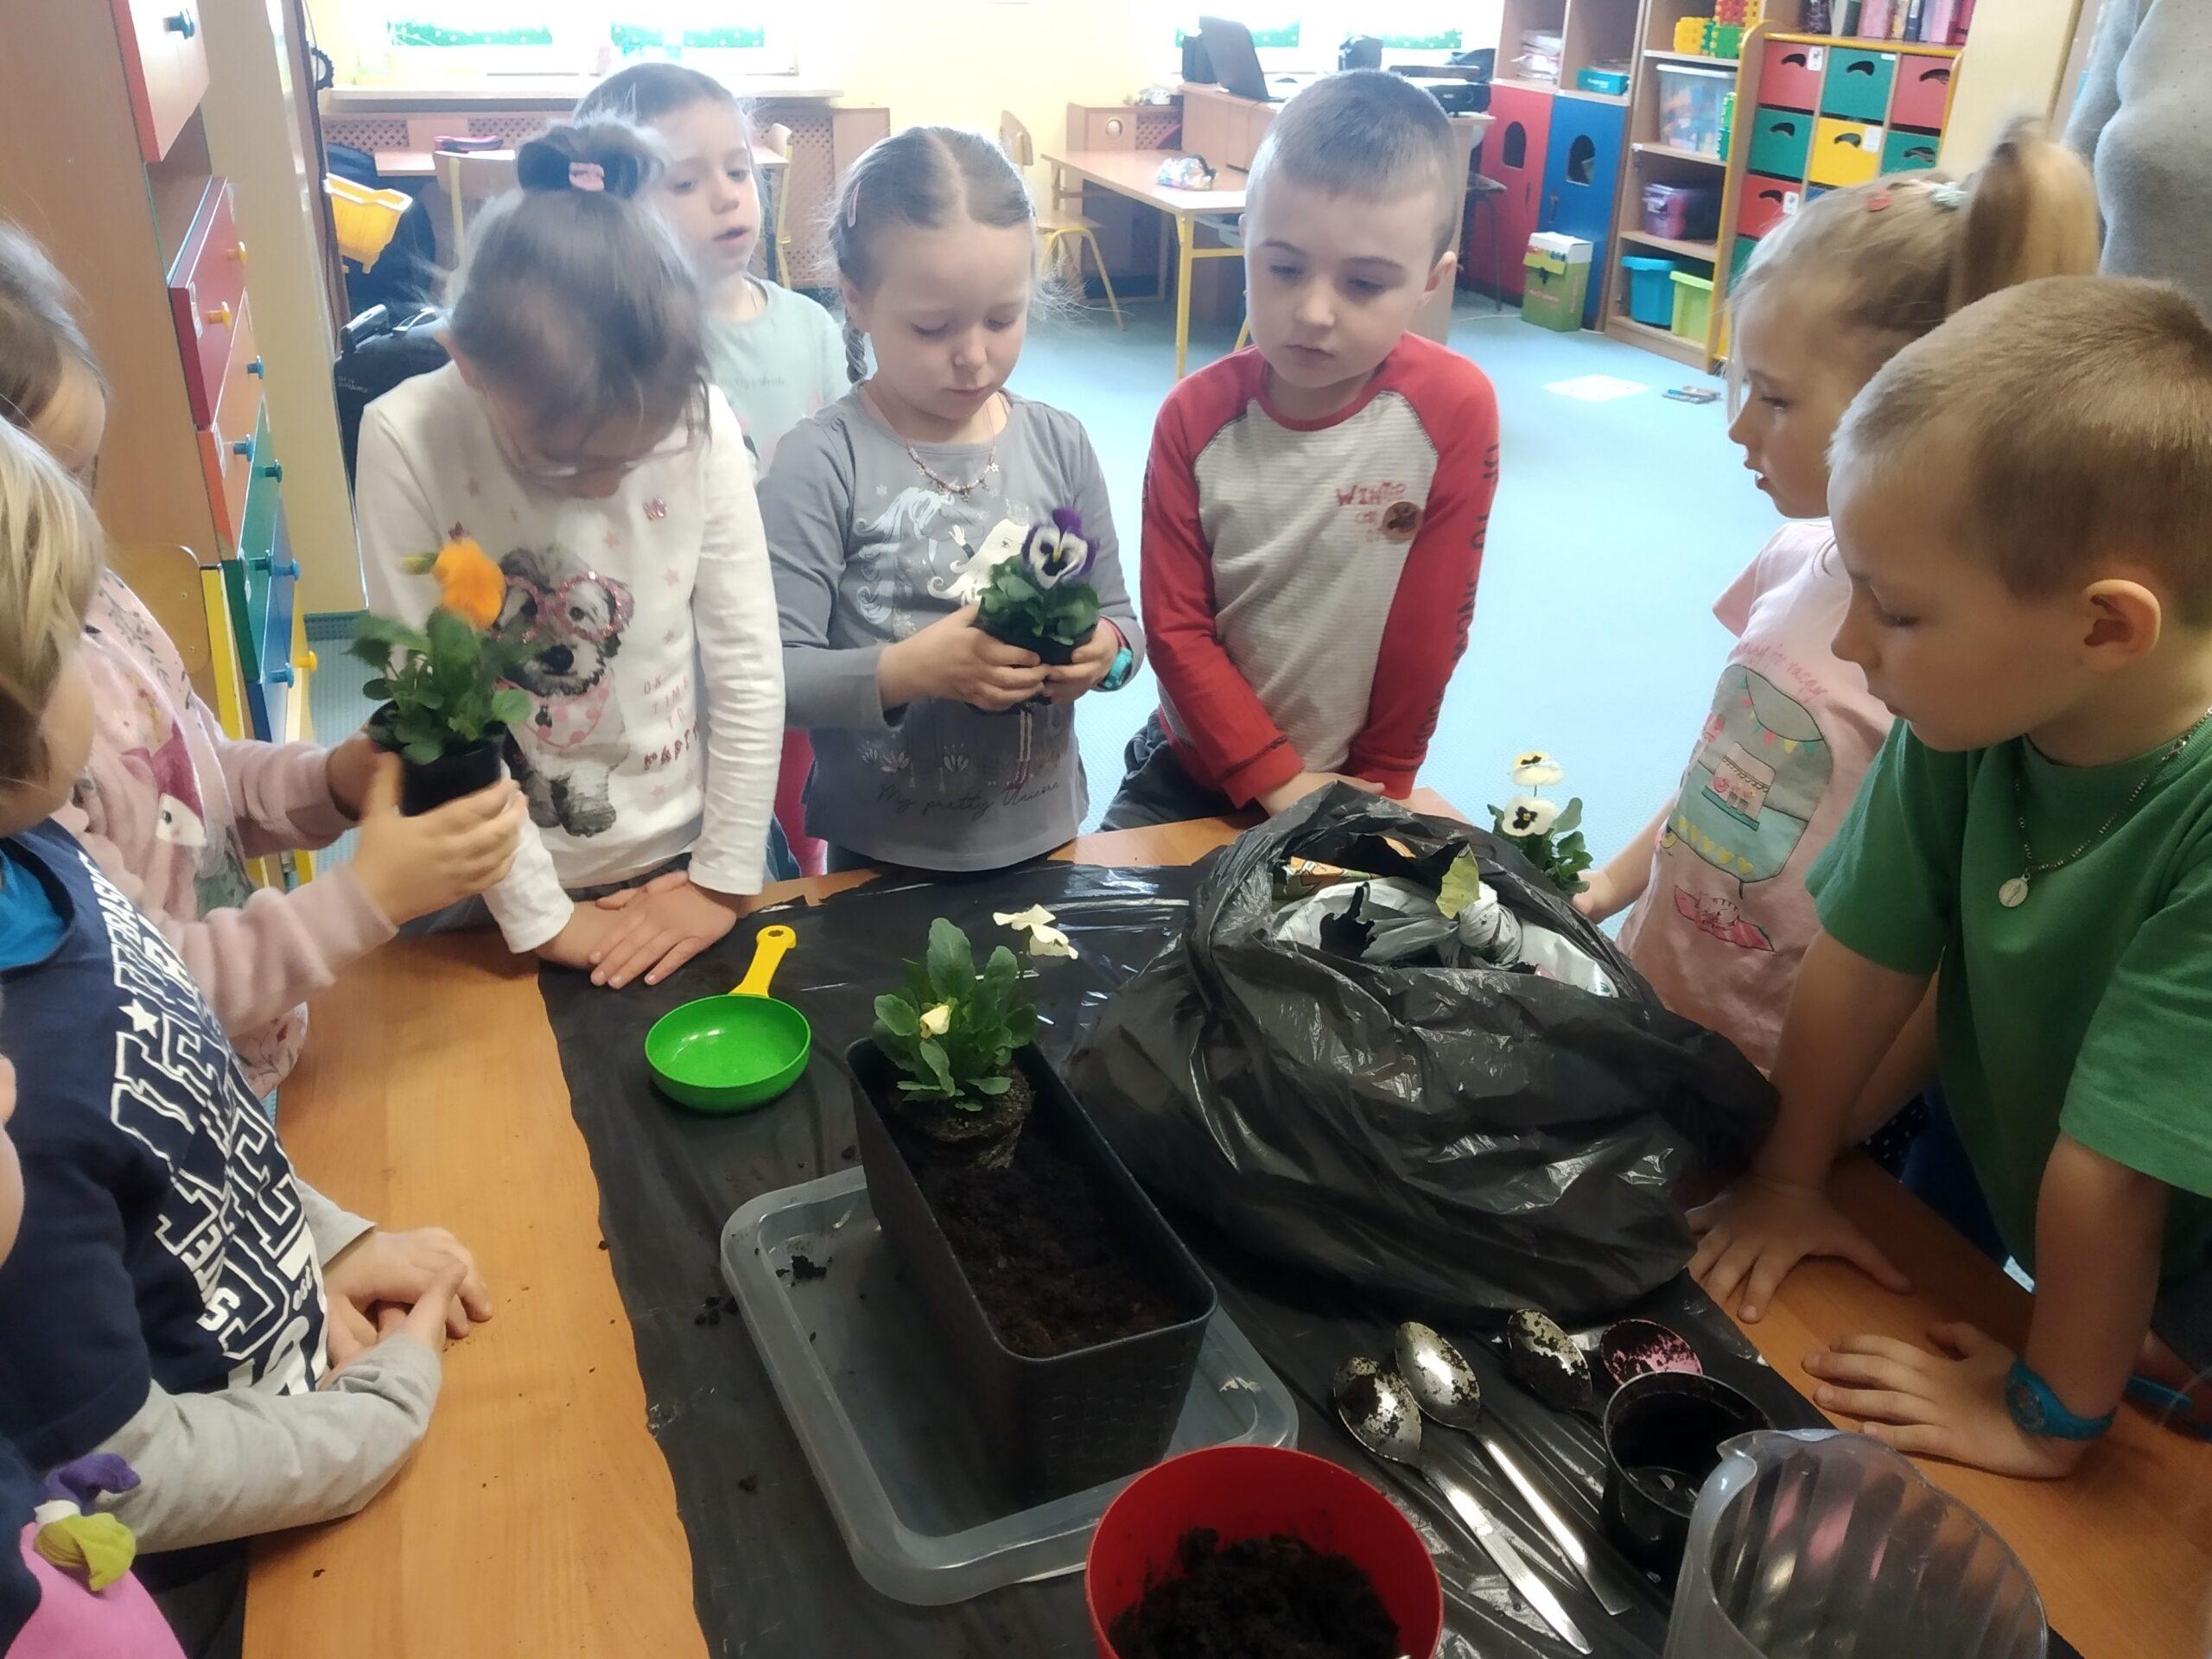 Zdjęcie przedstawiające zdjęcie dzieci sadzących kwiaty.